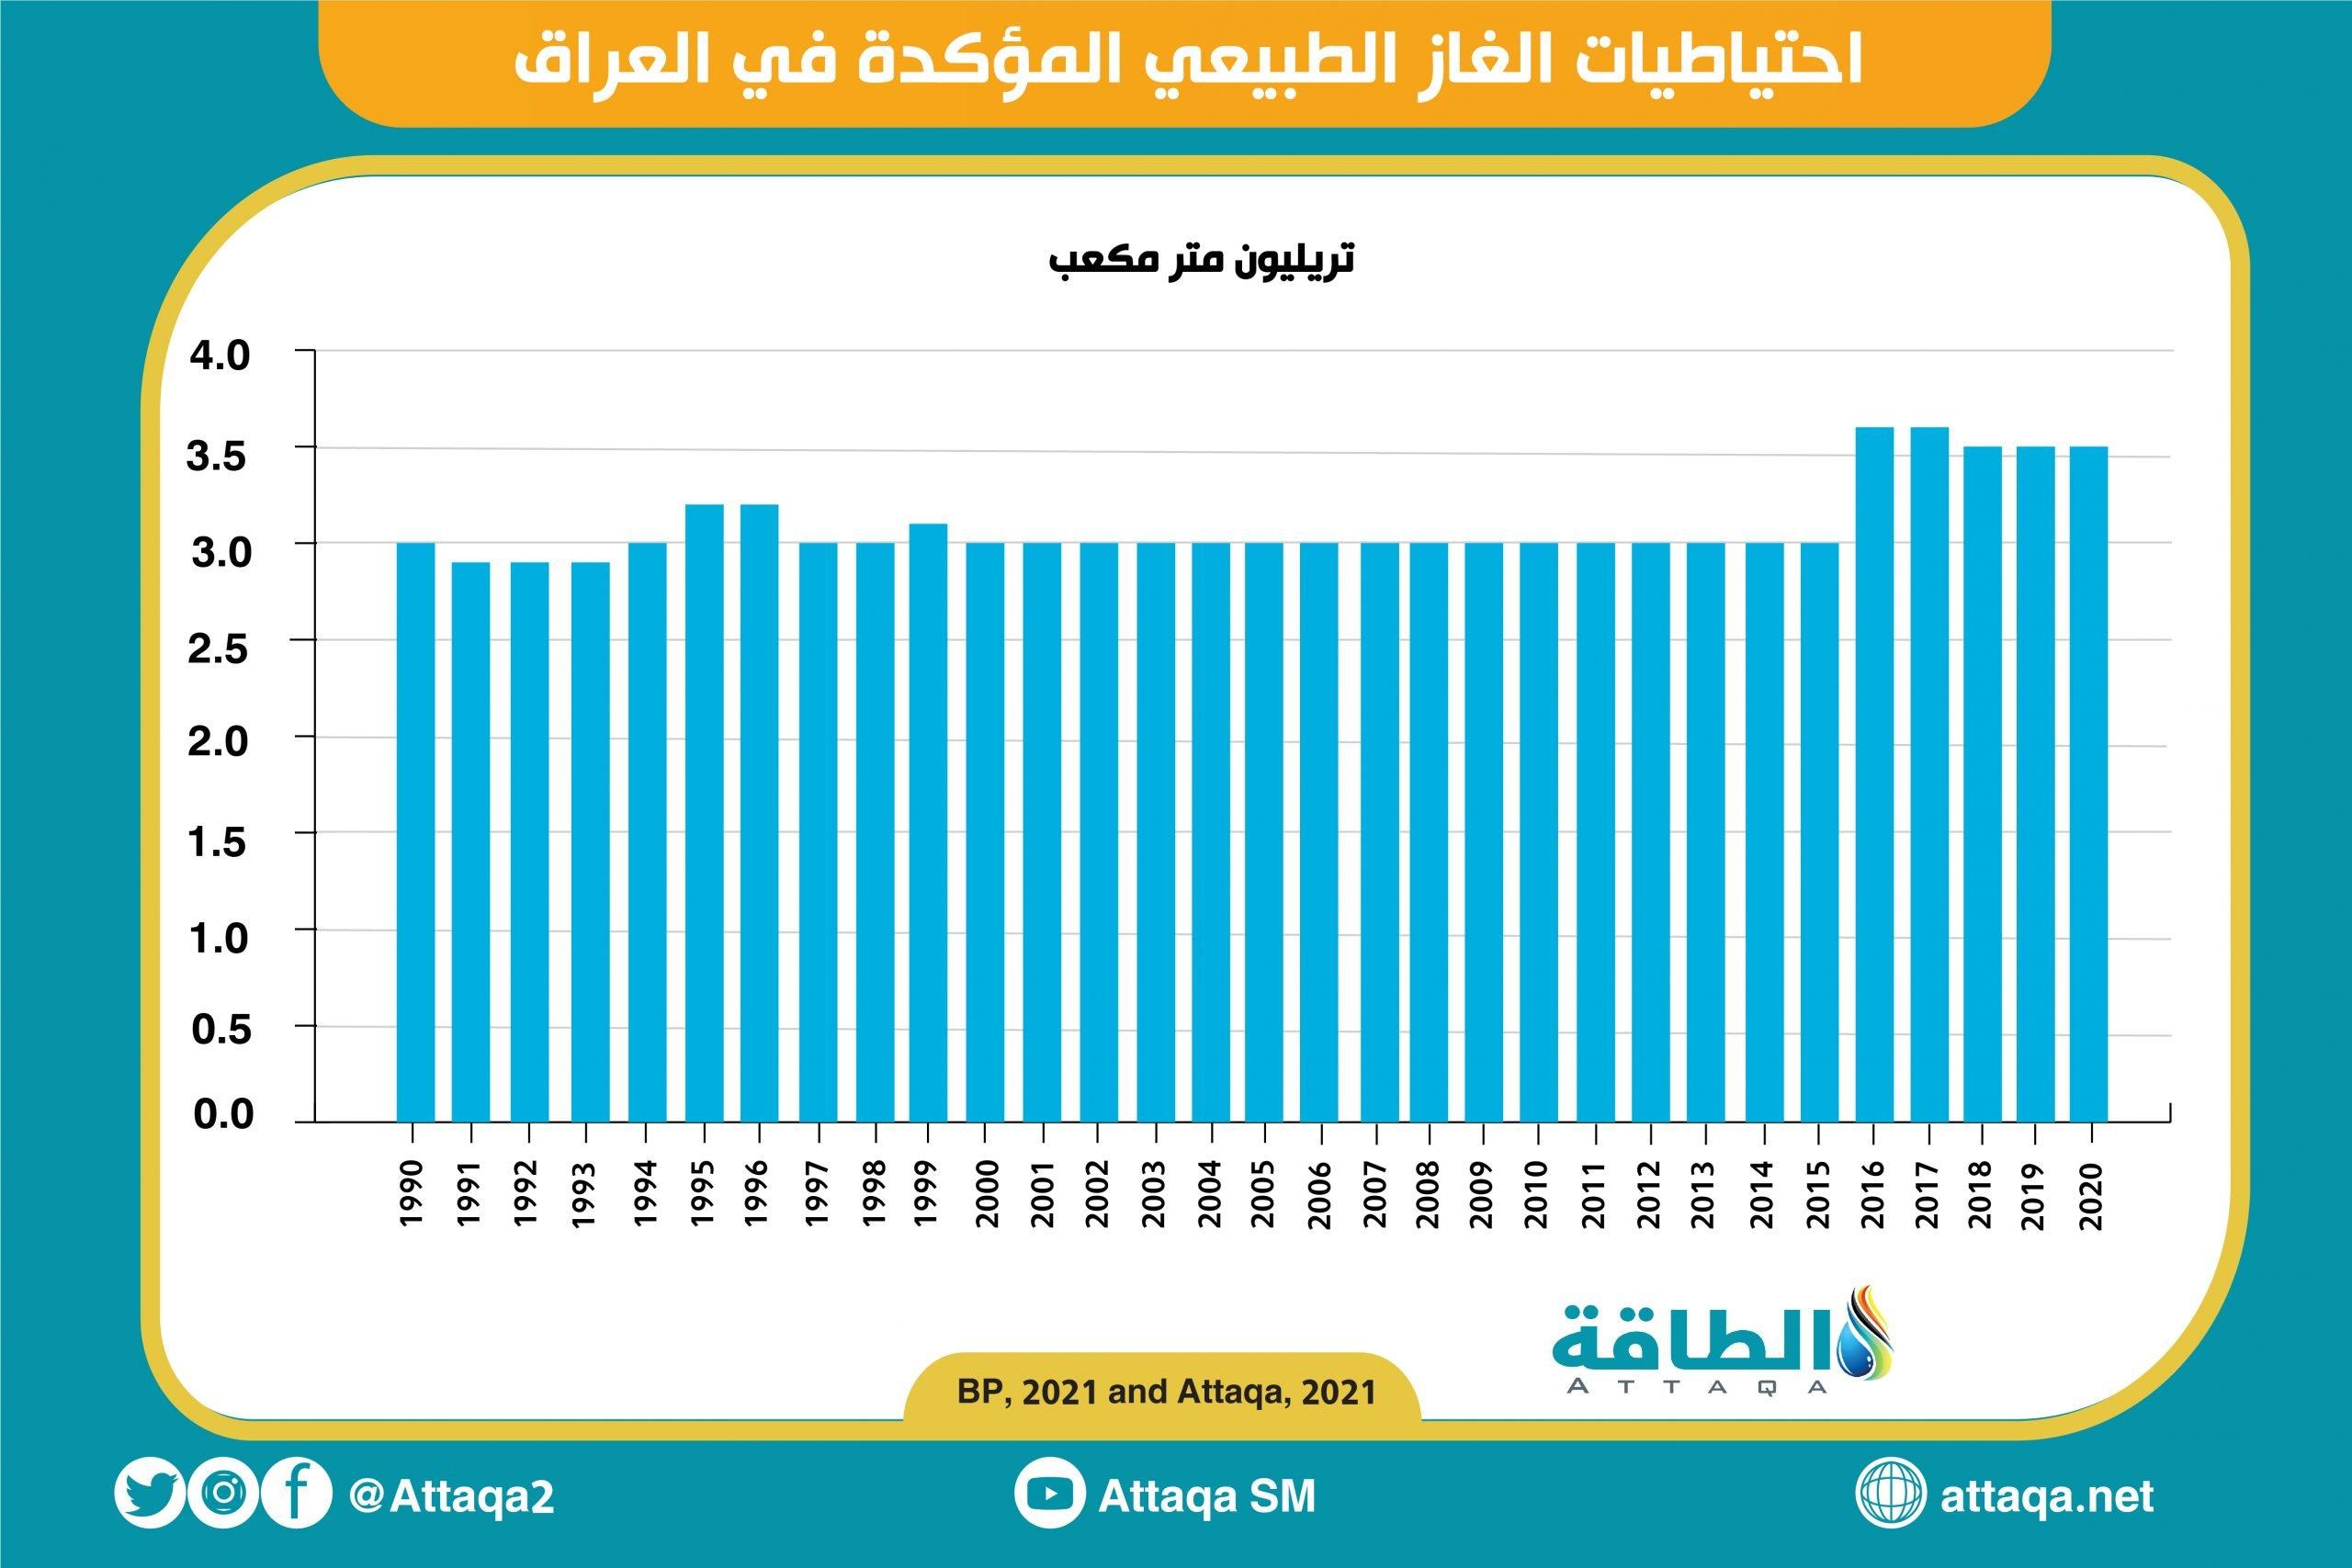 العراق - احتياطيات الغاز